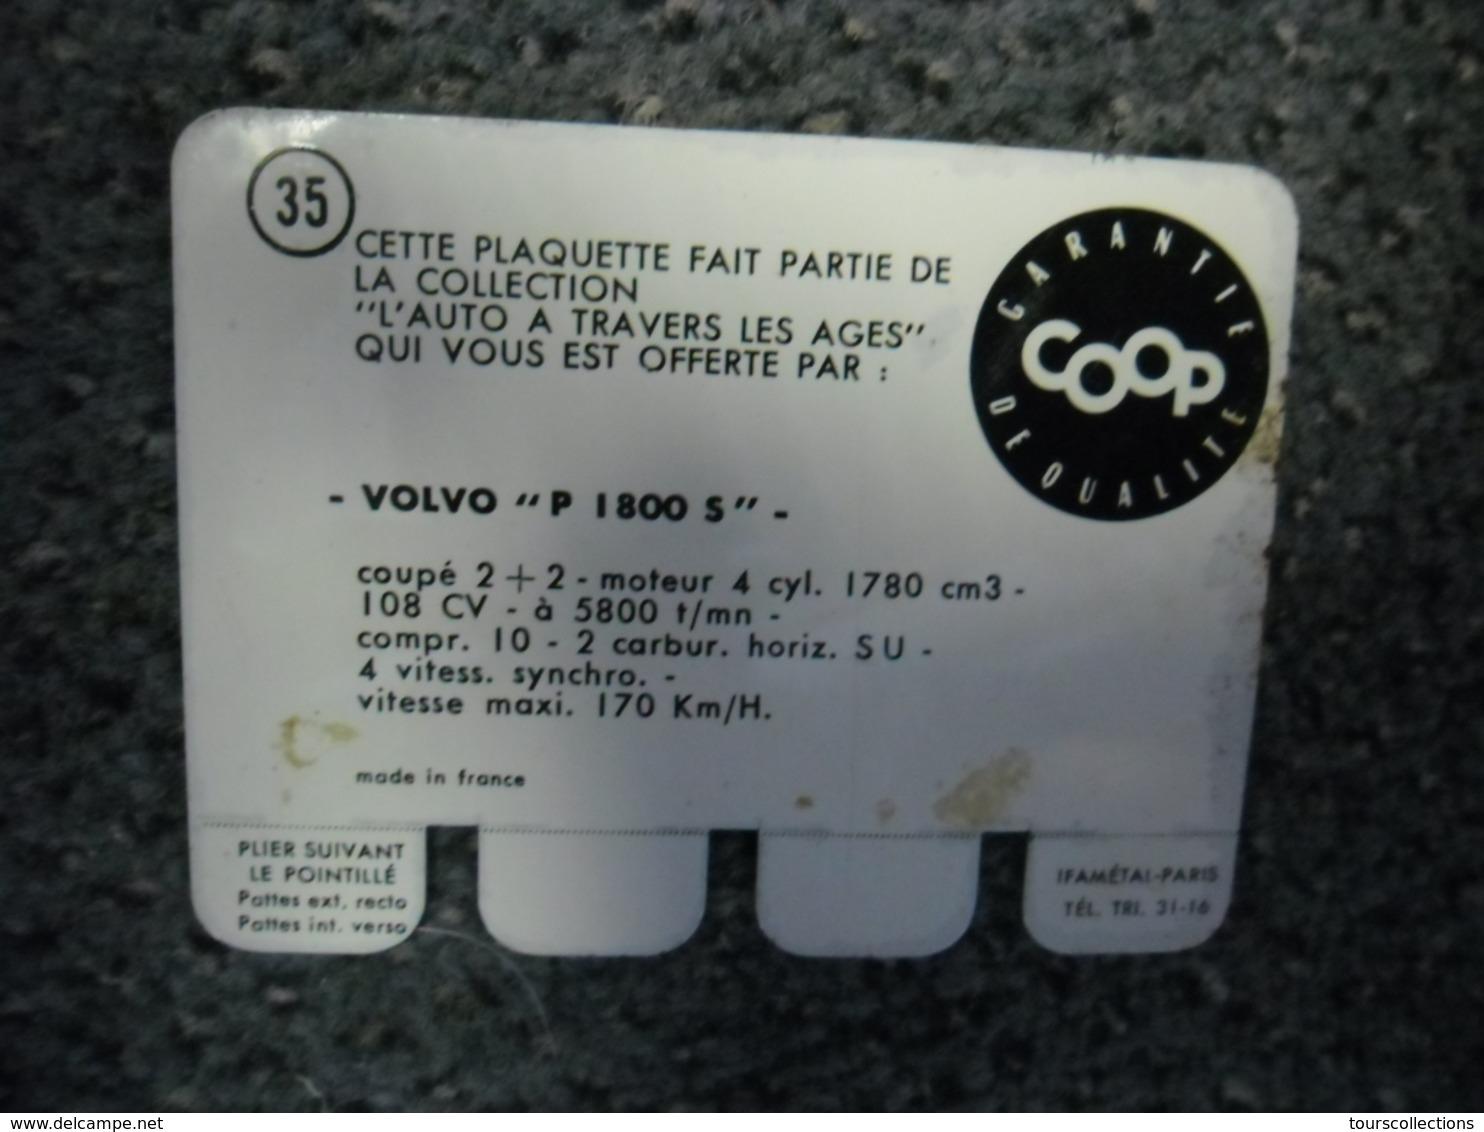 N° 35 - PLAQUE METAL En TOLE VOLVO P 1800 S De 108 CV - AUTOMOBILE COOP Des Années 60 - Plaques Publicitaires